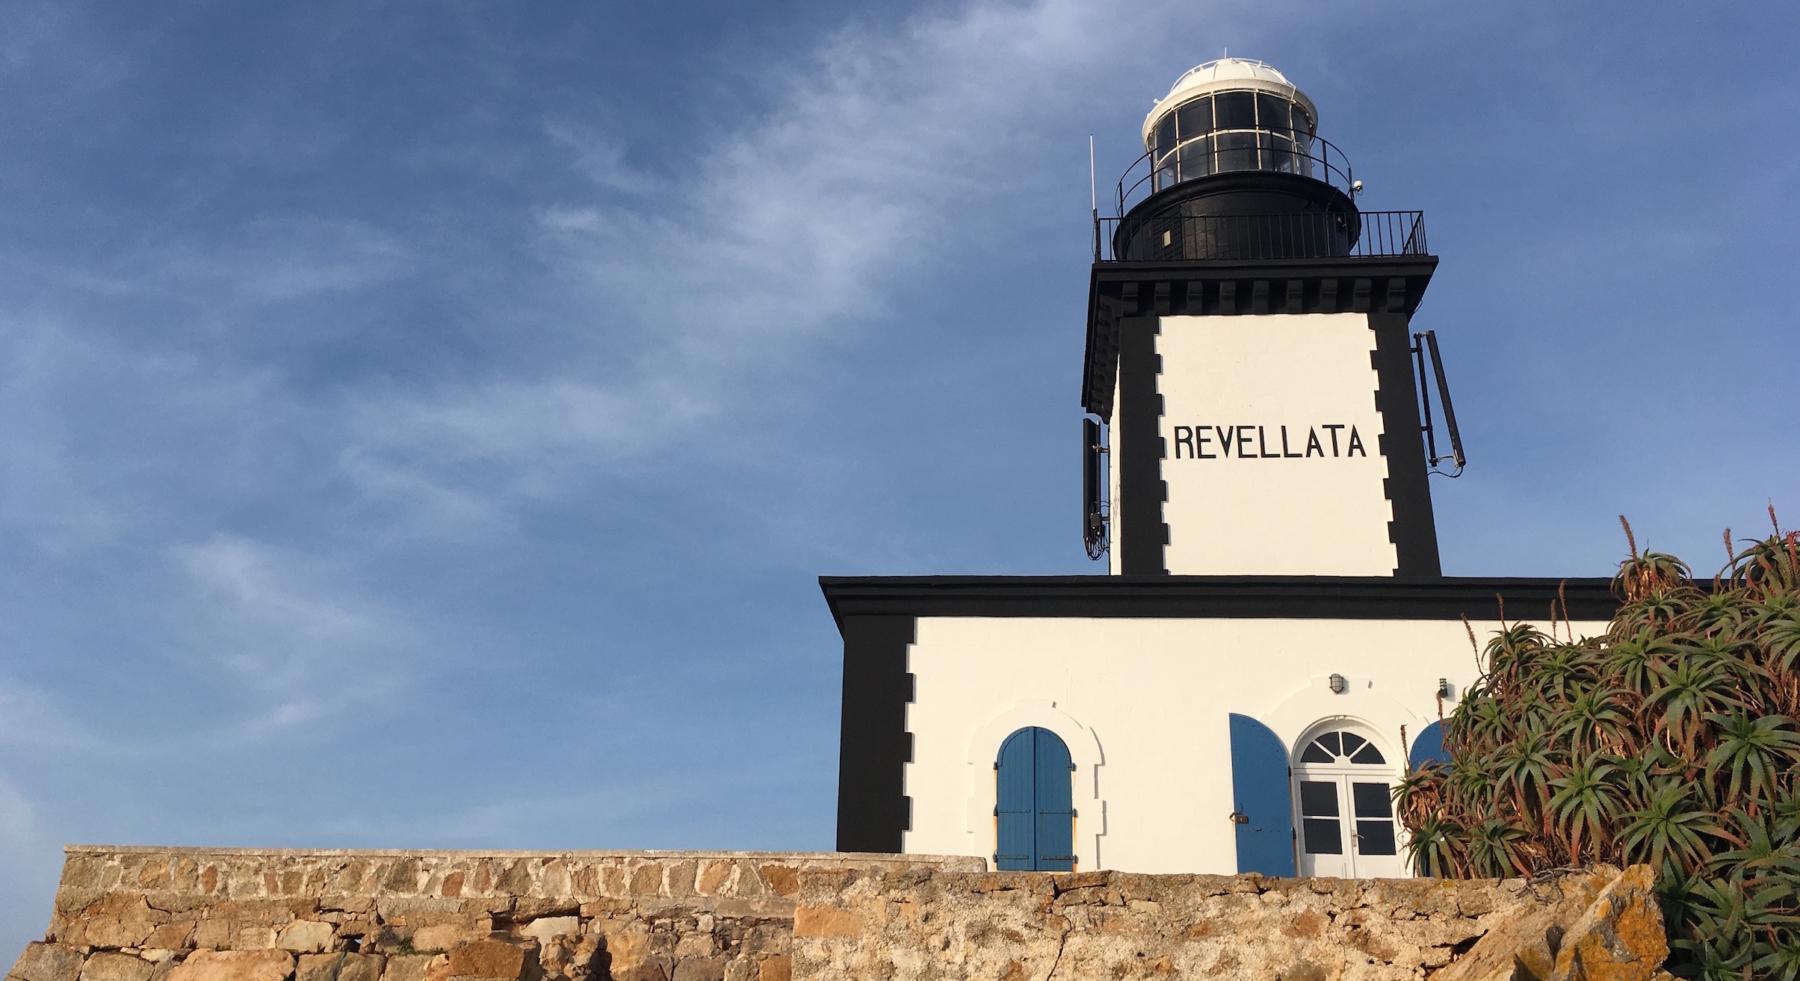 L'Institut Stareso a passé avec l'État français une convention de location du phare de la Revellata, tout proche de la station, et l'aménage en logements afin d'augmenter la capacité d'accueil de la station.